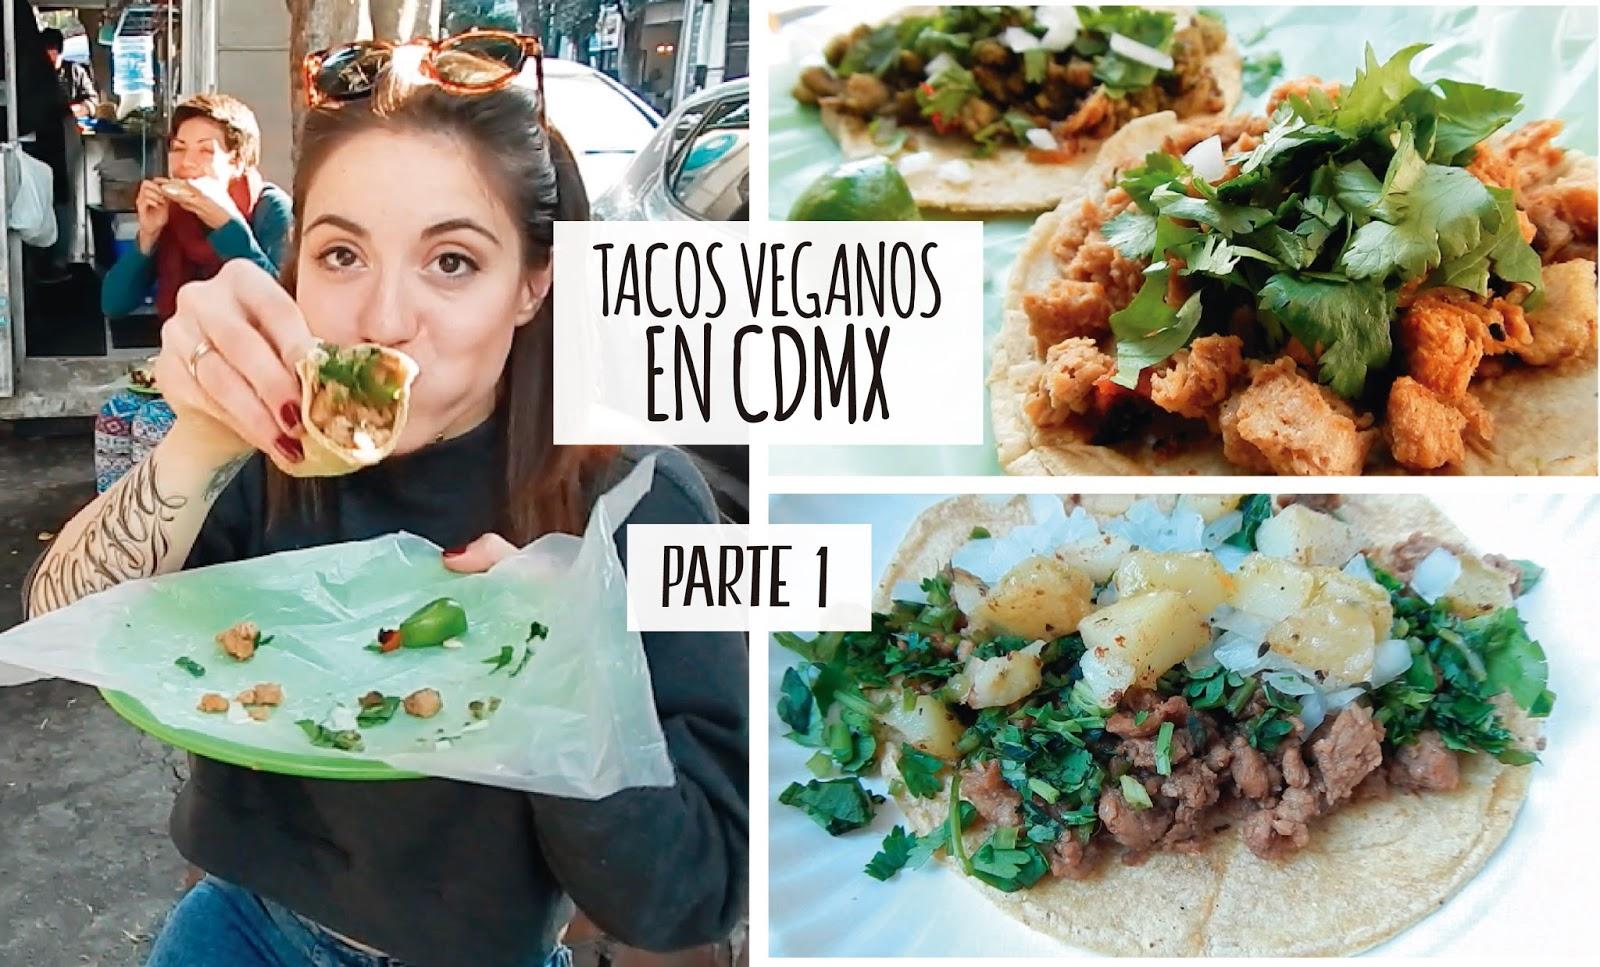 Dónde comer tacos veganos en CDMX · Parte 1